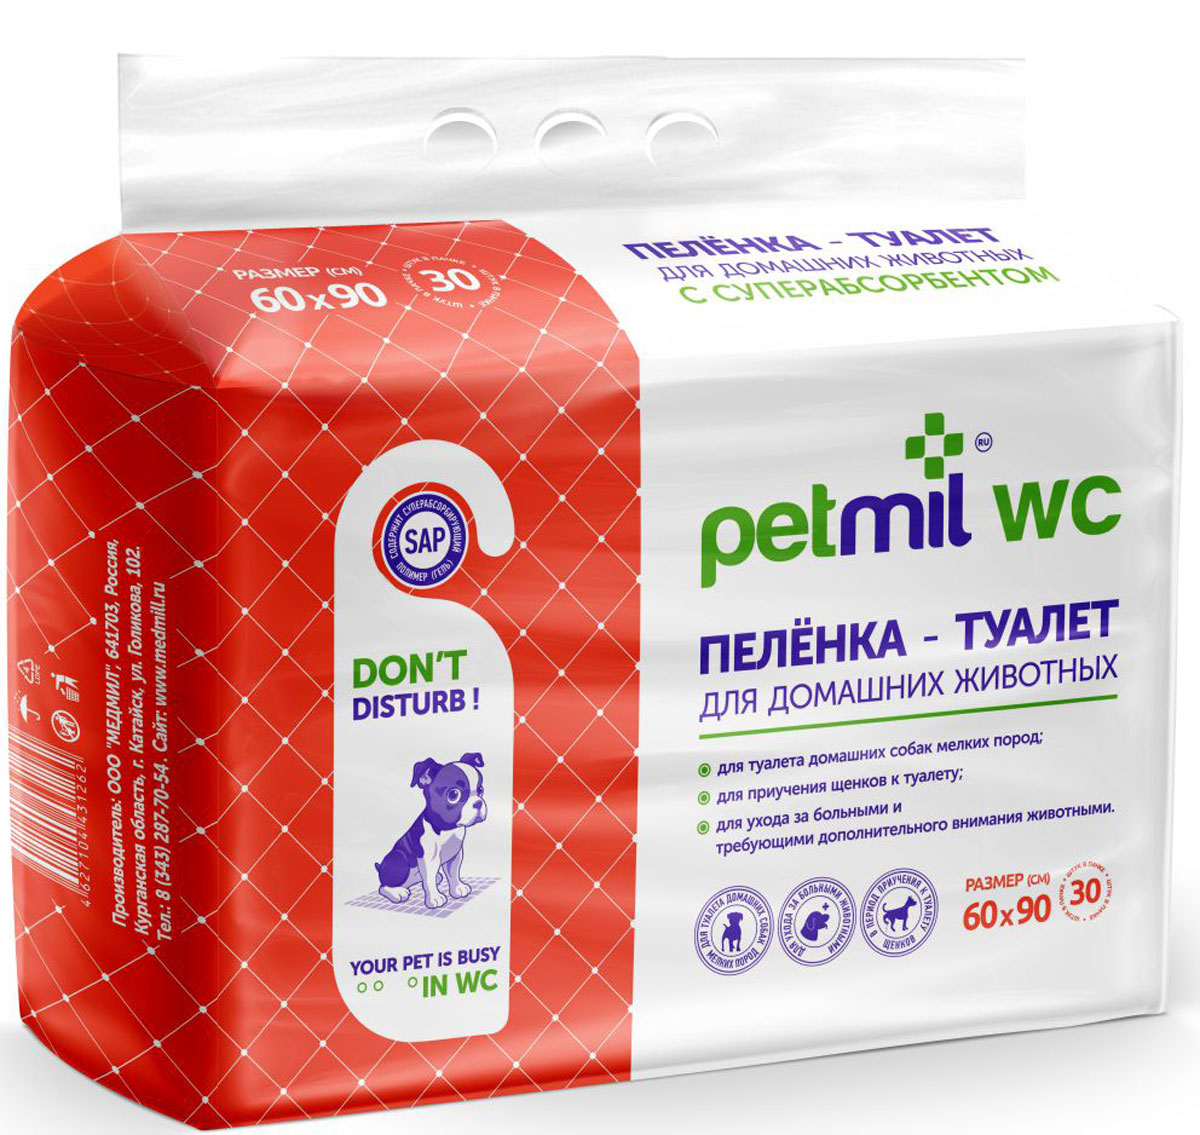 """Пеленка-туалет для животных """"Petmil WC"""", впитывающая, гелевая, 60 х 90 см, 30 штук"""